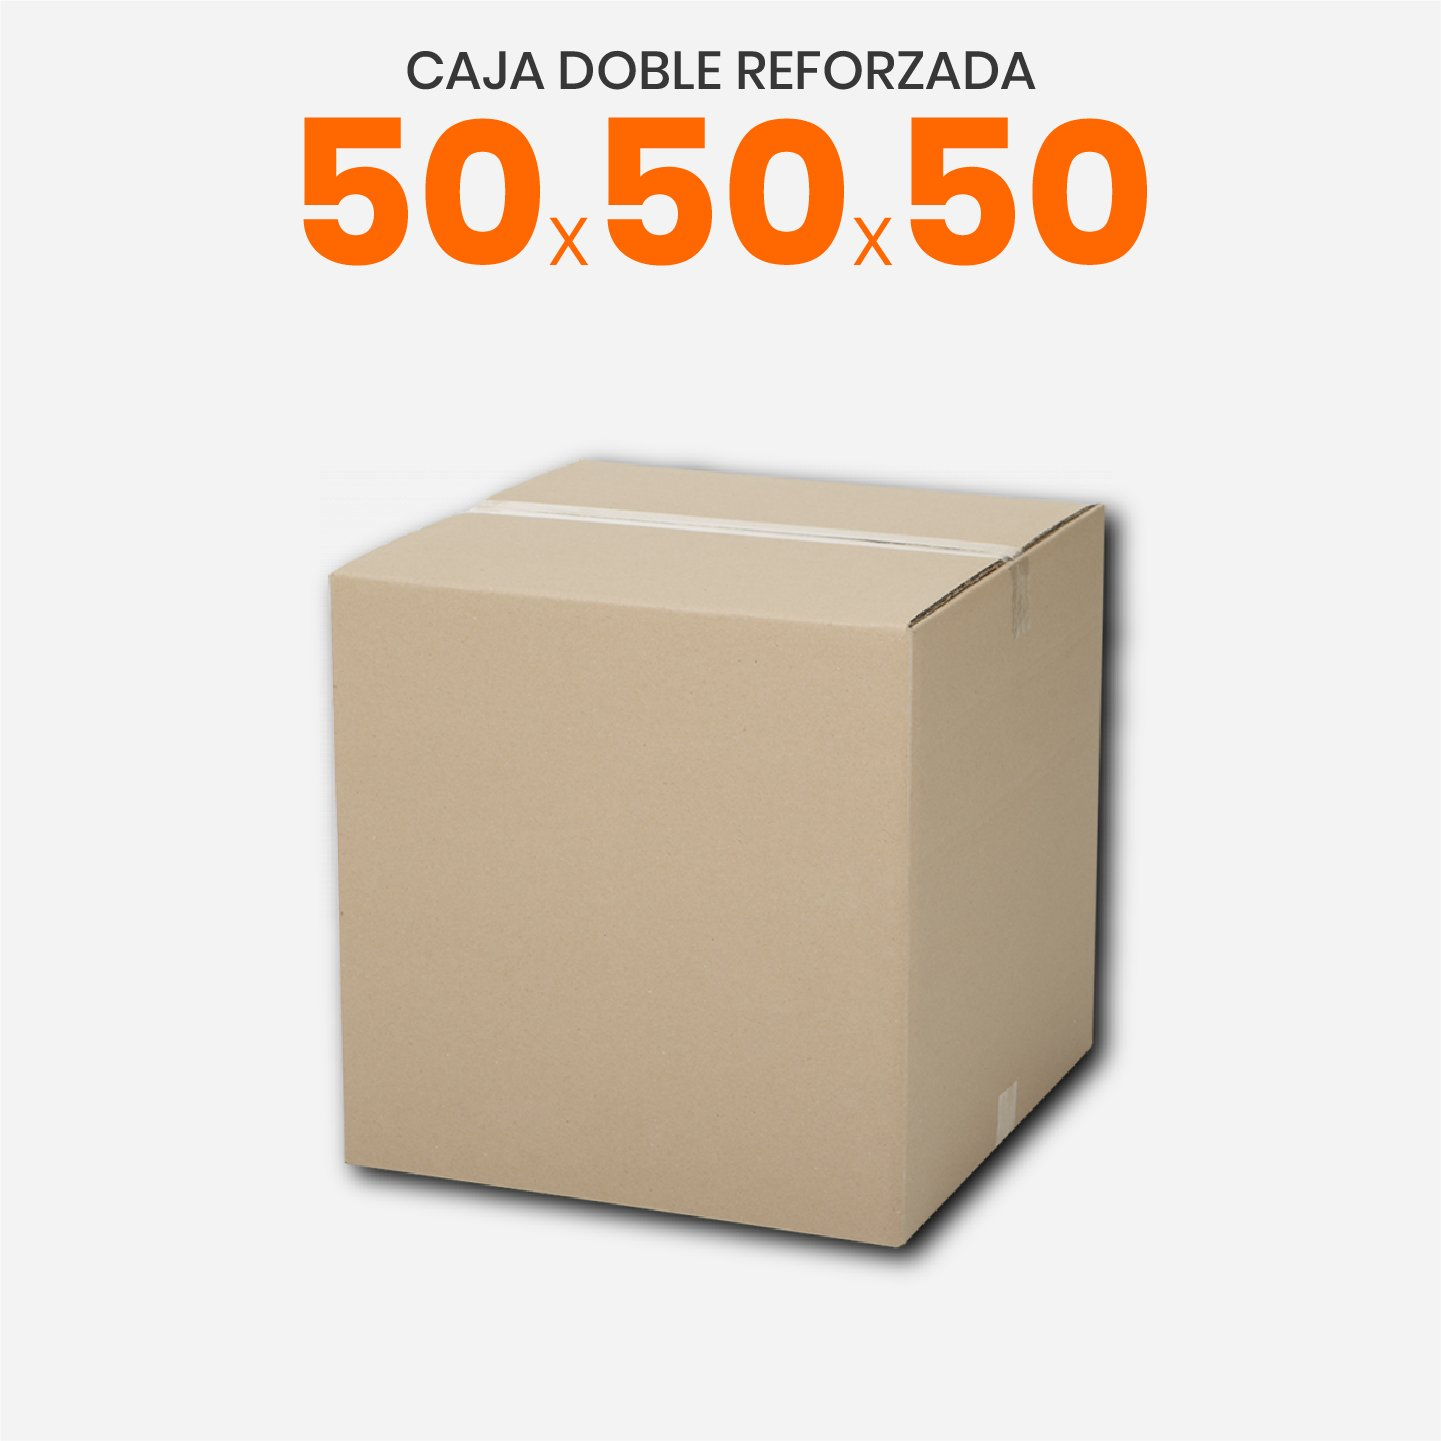 Caja De Cartón Corrugado Doble Reforzada 50x50x50